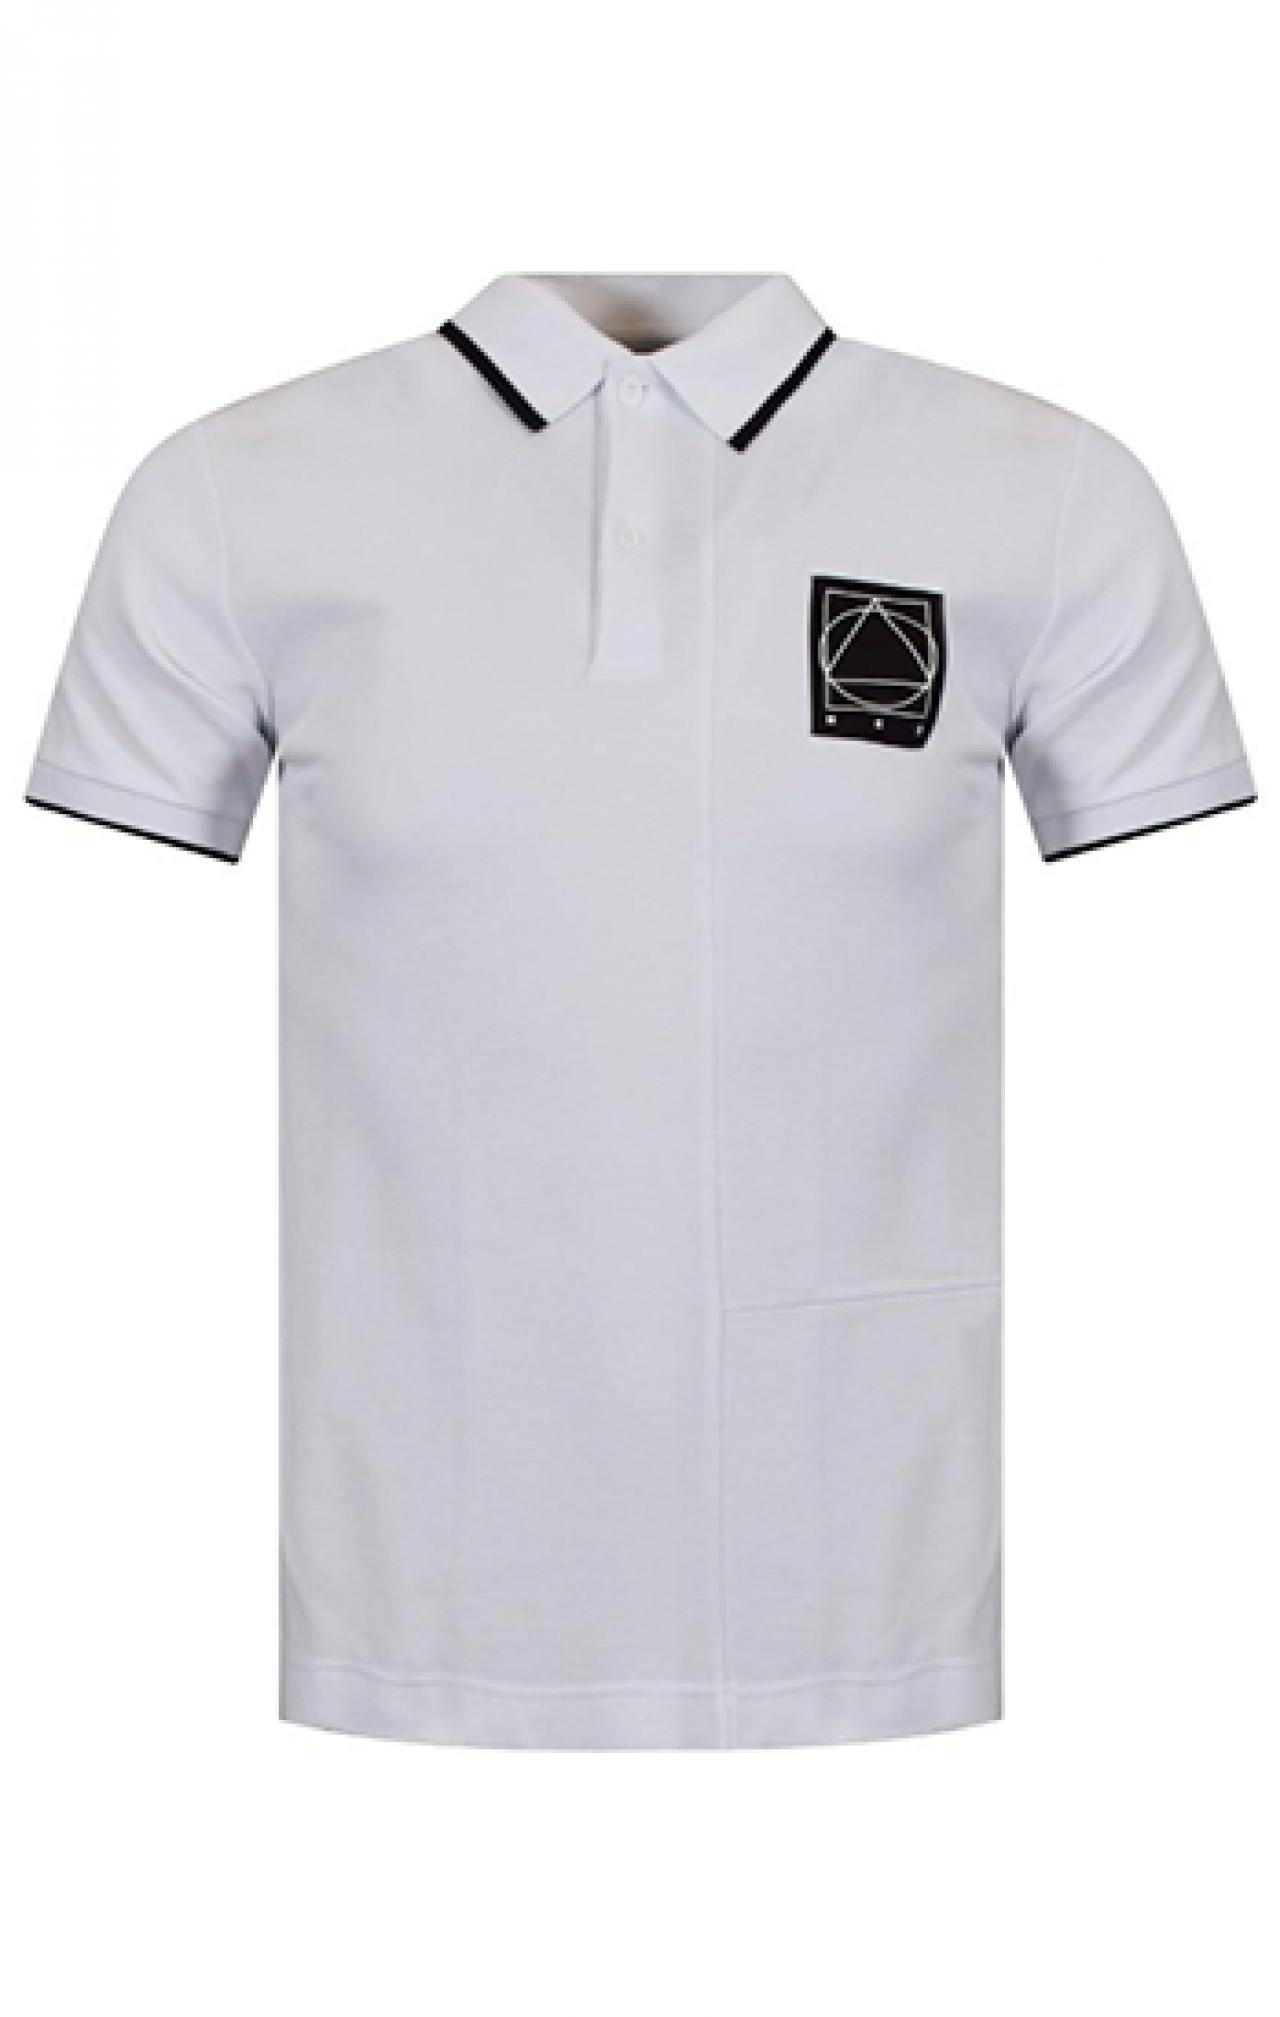 Áo thun đồng phục cổ trụ màu trắng viền đen logo in